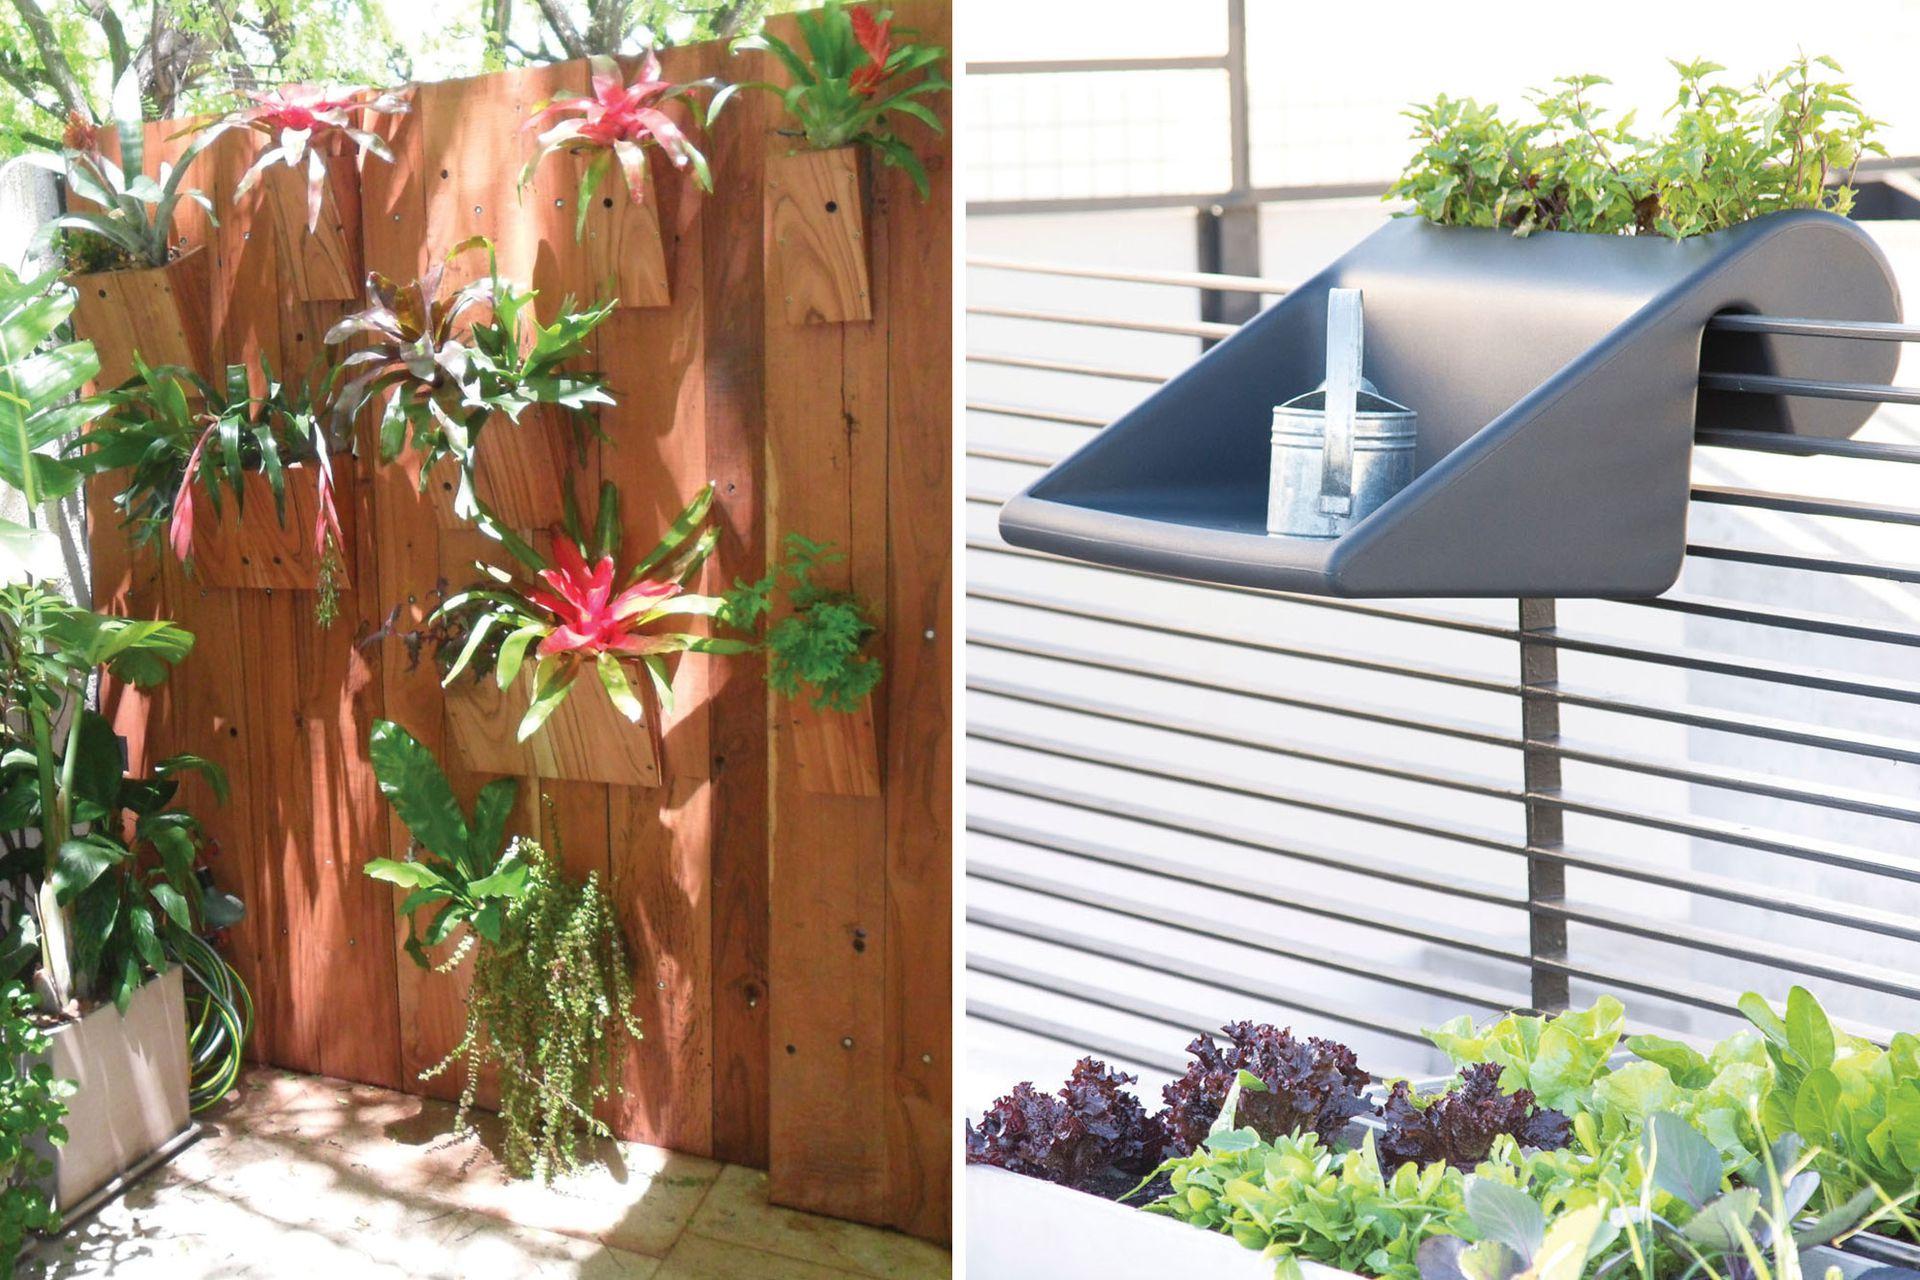 Ubicar las plantas sobre una pared permite darle valor a una superficie que de otro modo quedaría desaprovechada (izq.), mientras que una bandeja colgante hace las veces de mesa y macetero (der.).